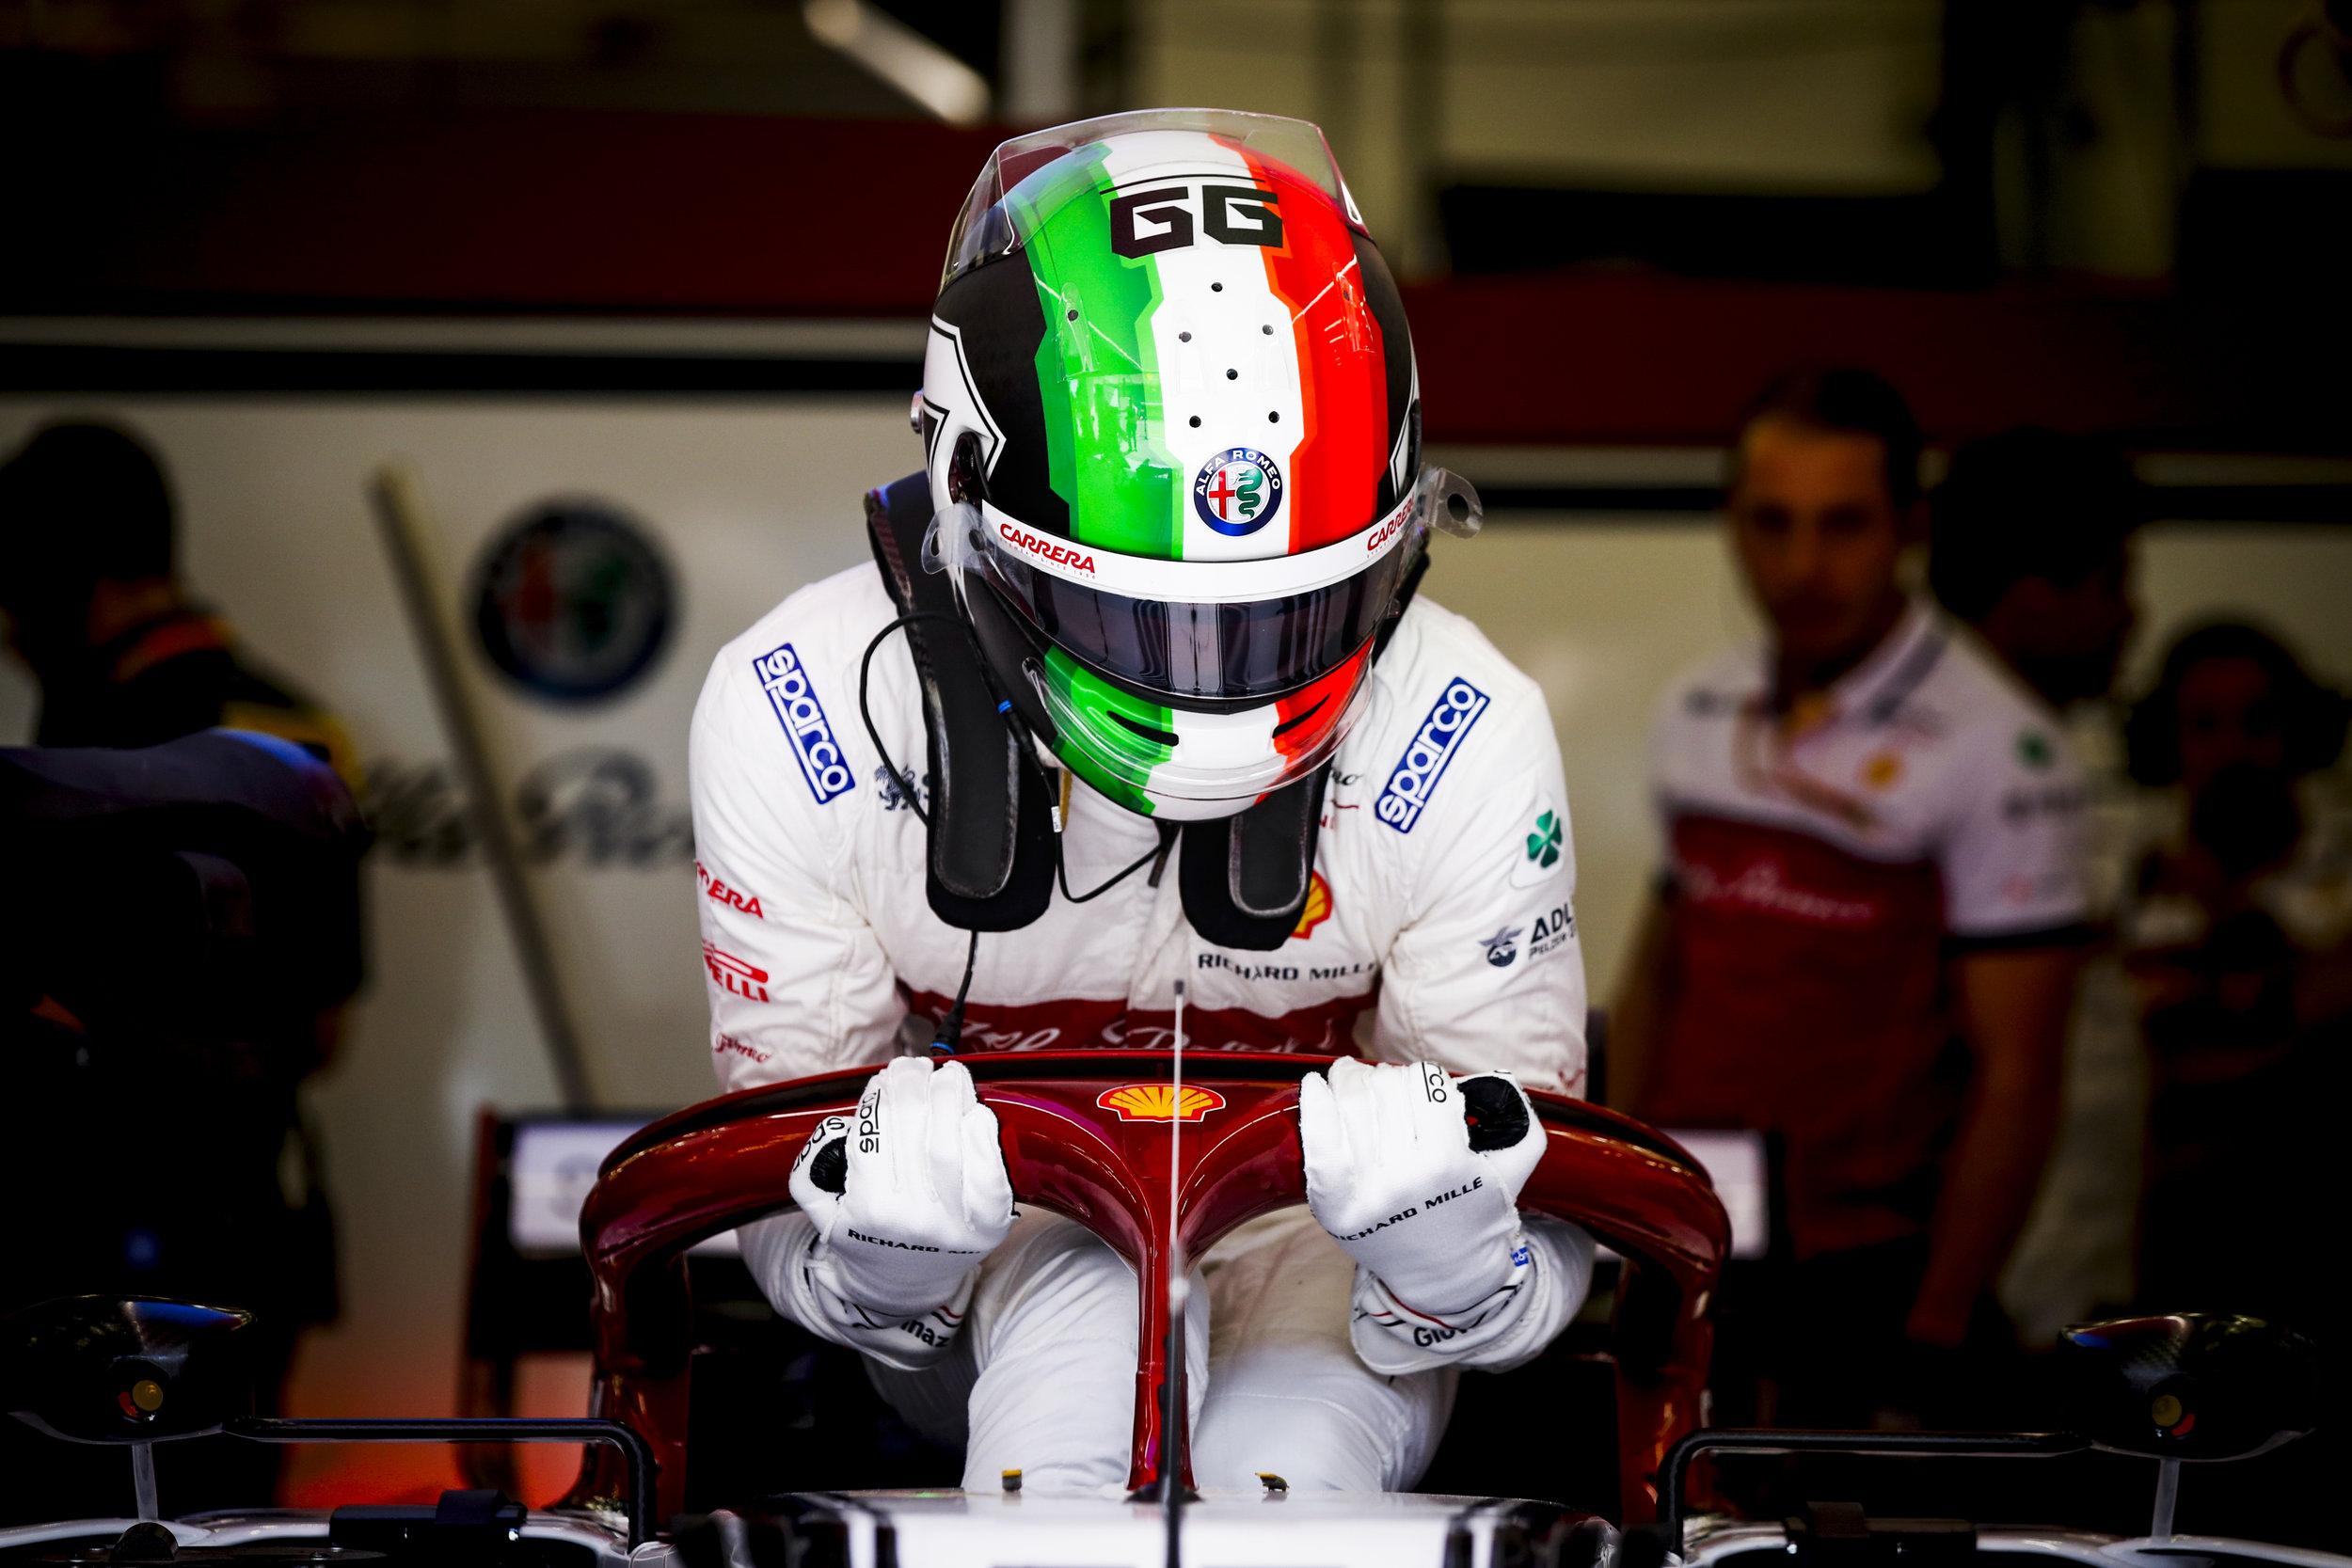 2019 Bahrain Grand Prix - Alfa Romeo Racing.jpg